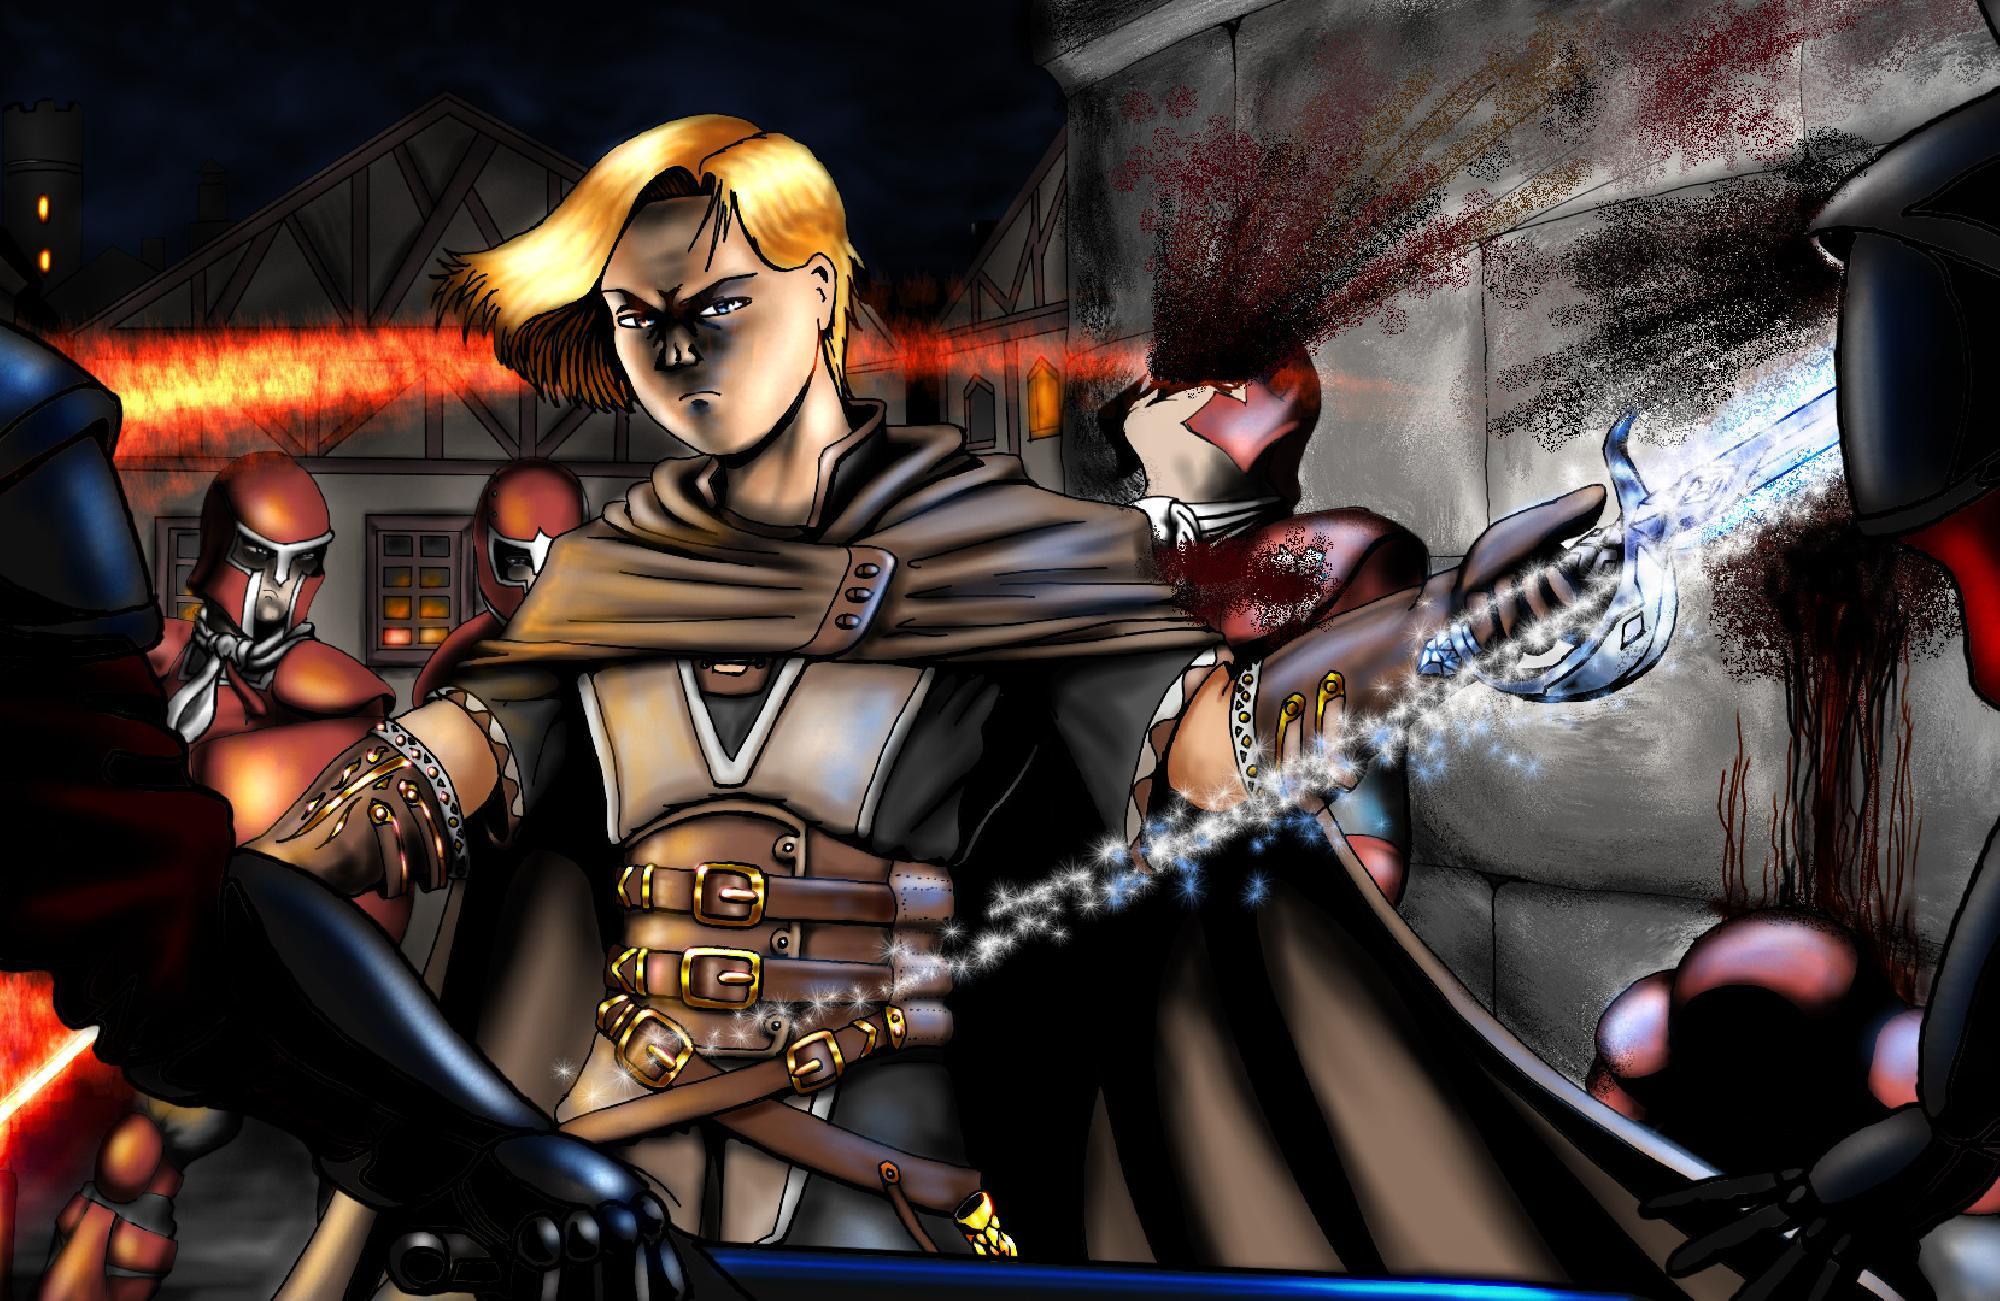 Fugitifs : Dessins des personnages joueurs Image5c811e39a66e9